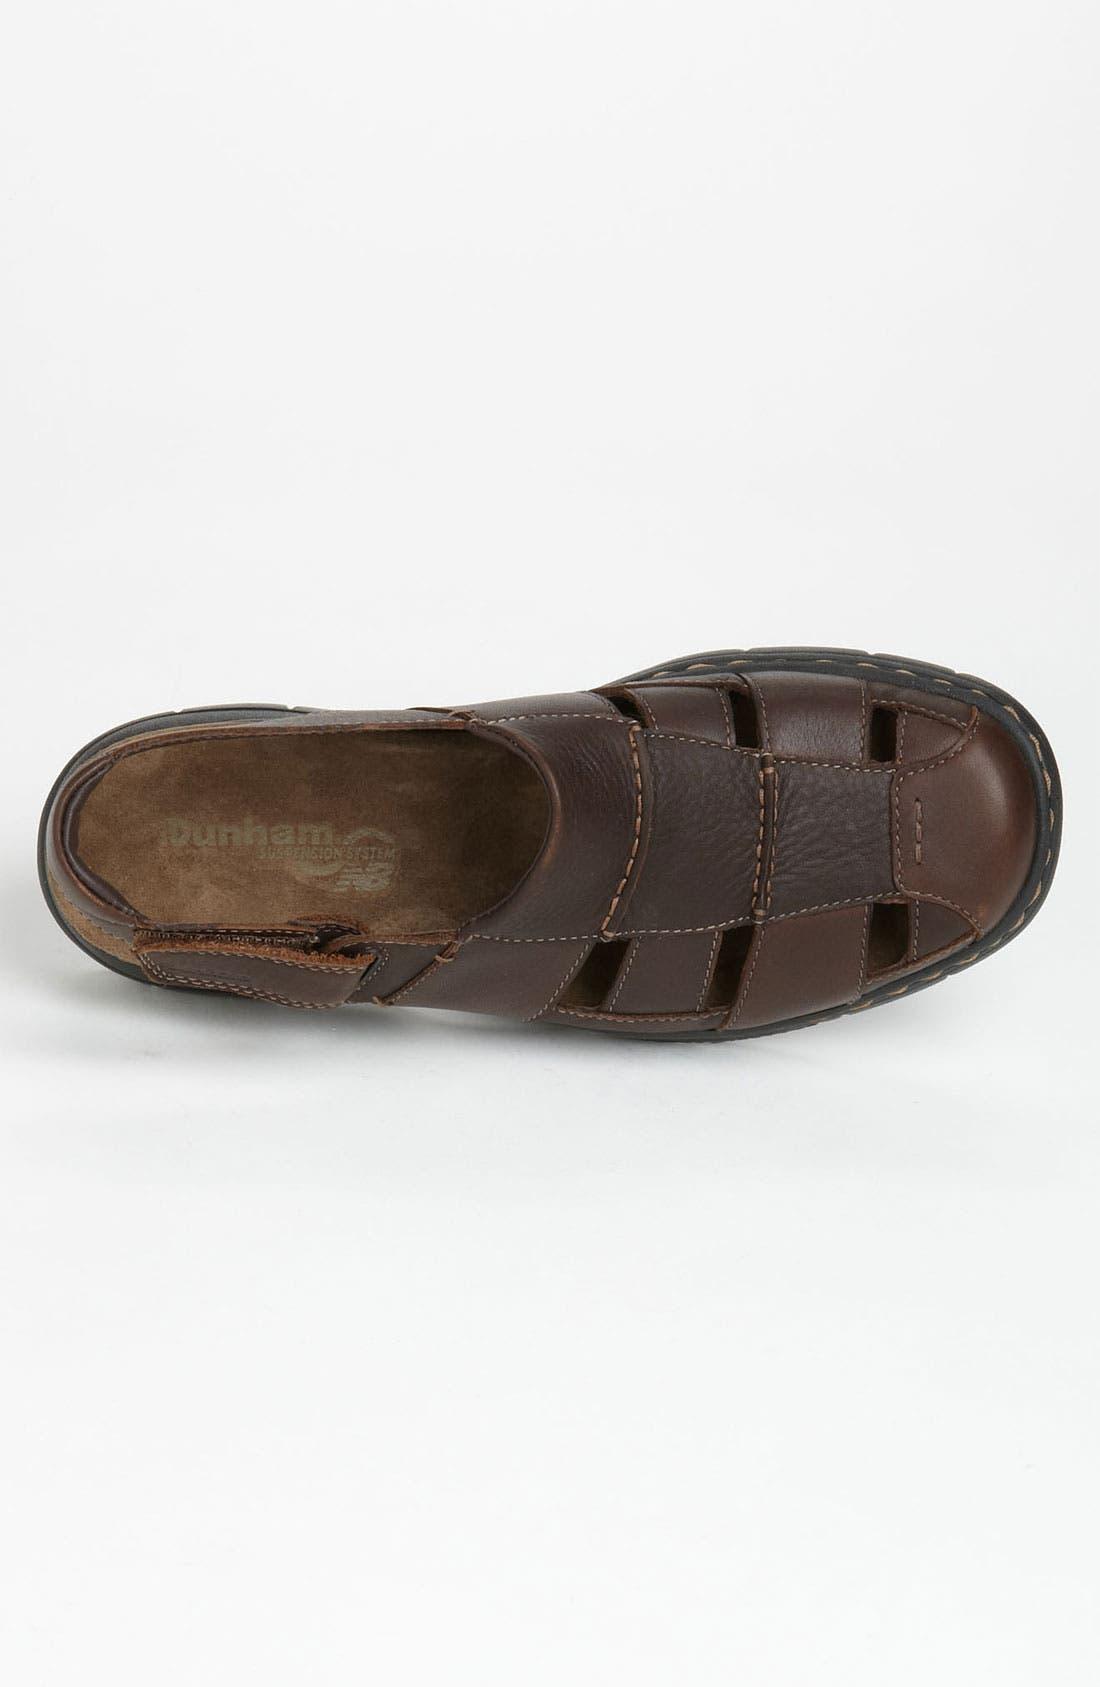 Alternate Image 3  - Dunham 'Monterey' Sandal